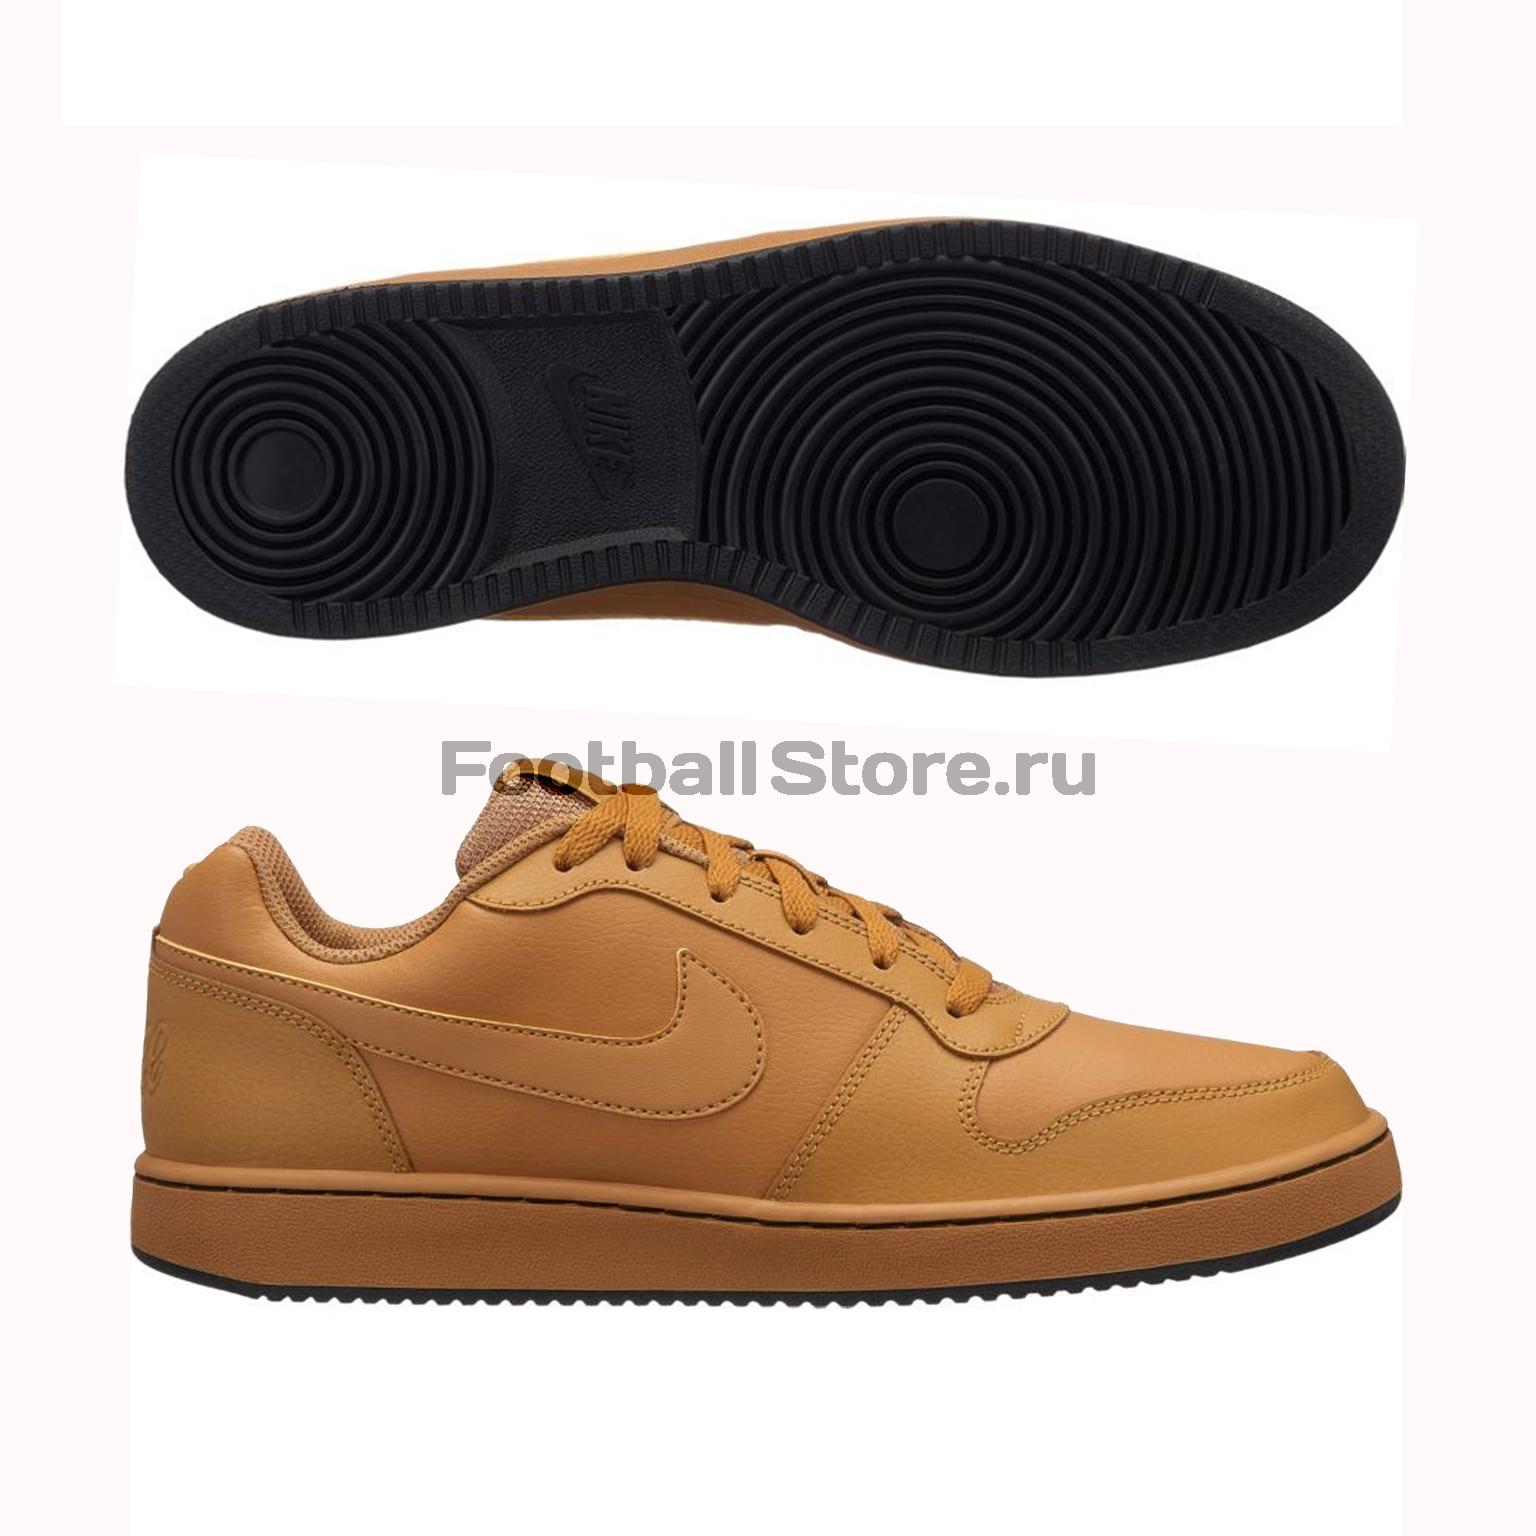 Кроссовки Nike Ebernon Low AQ1775-700 кроссовки nike 3 0 580392 001 418 616 700 008 404 414